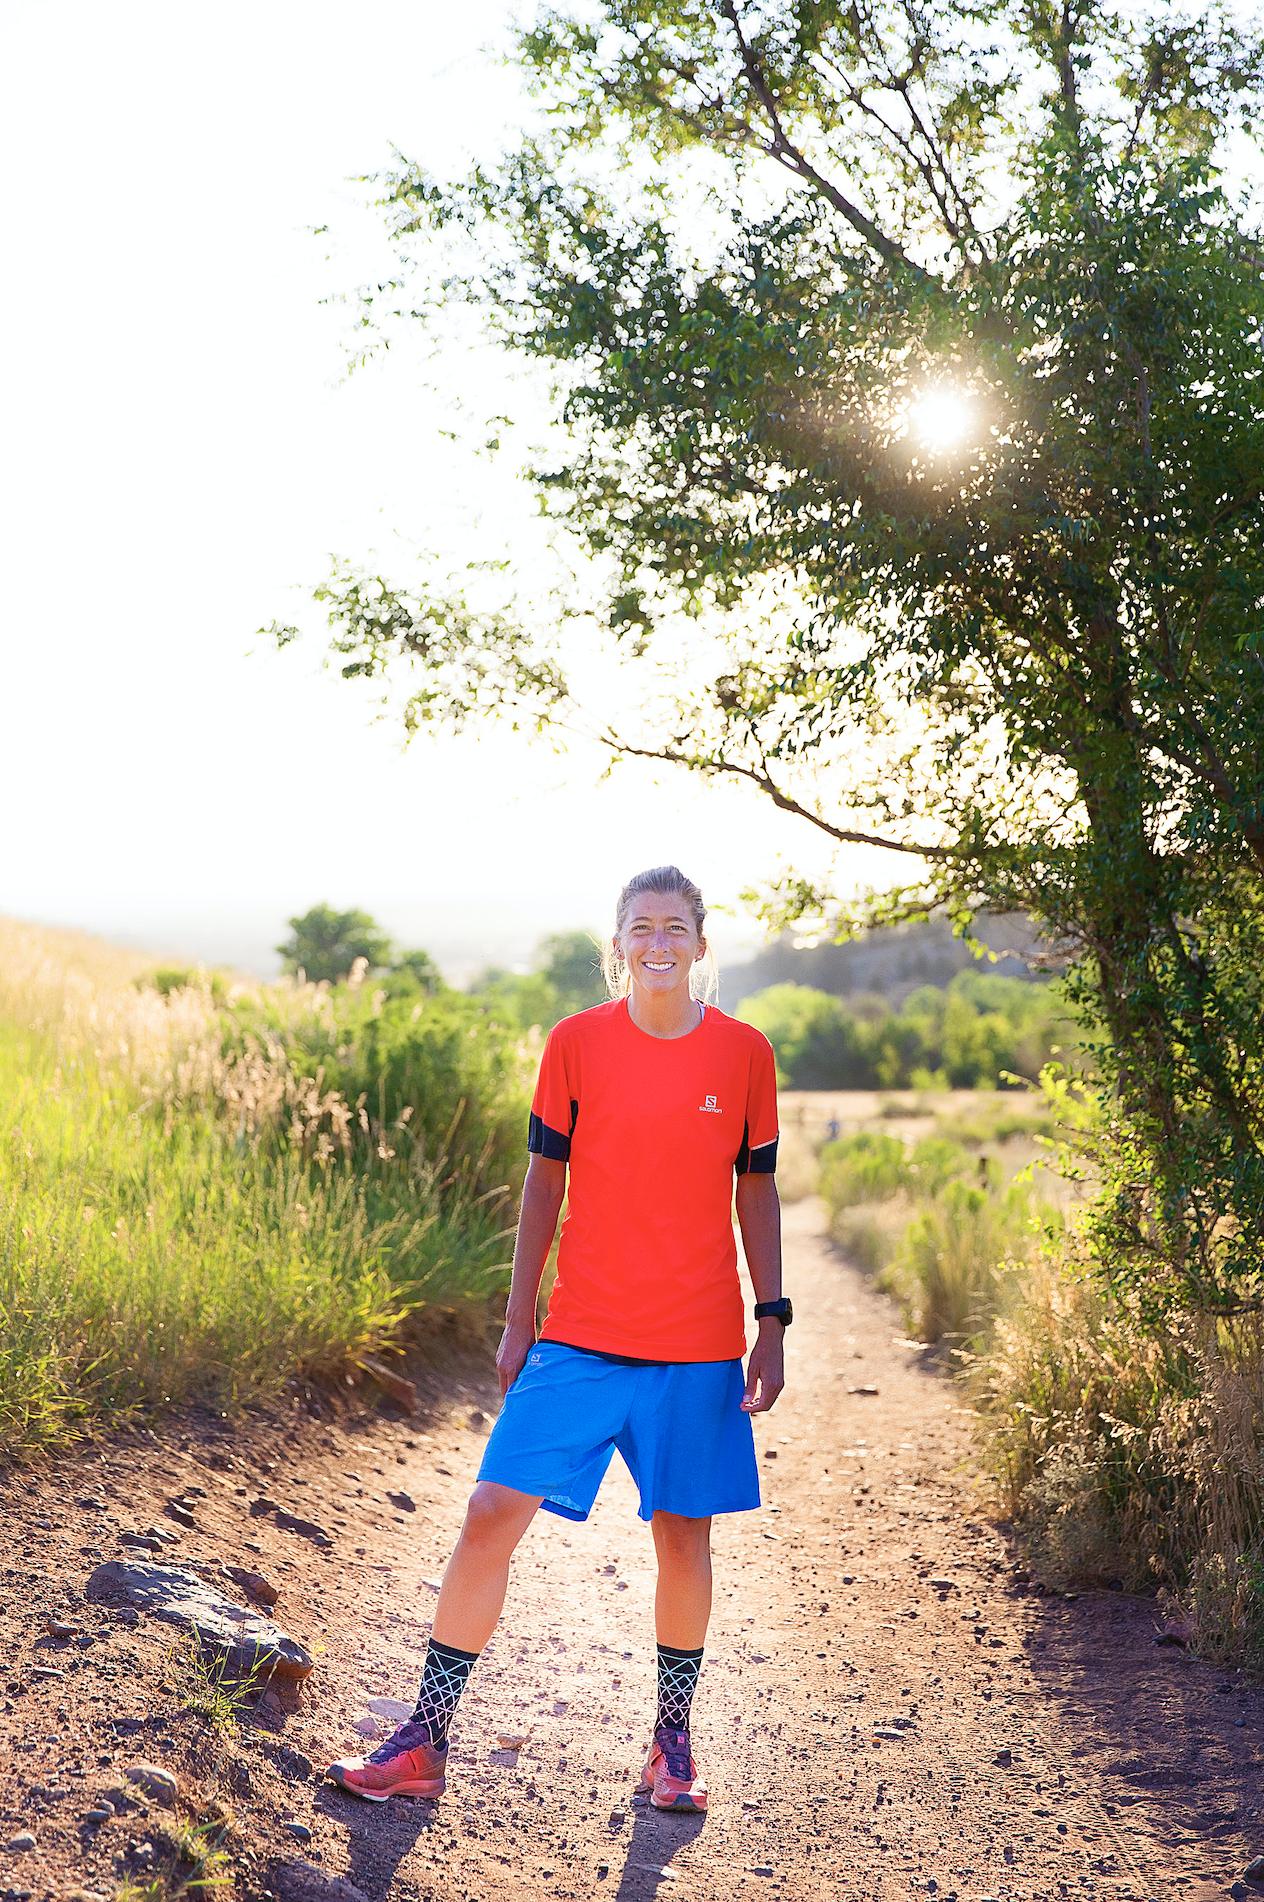 Courtney Dauwalter, 2020, Golden, Colorado, Apex Trail